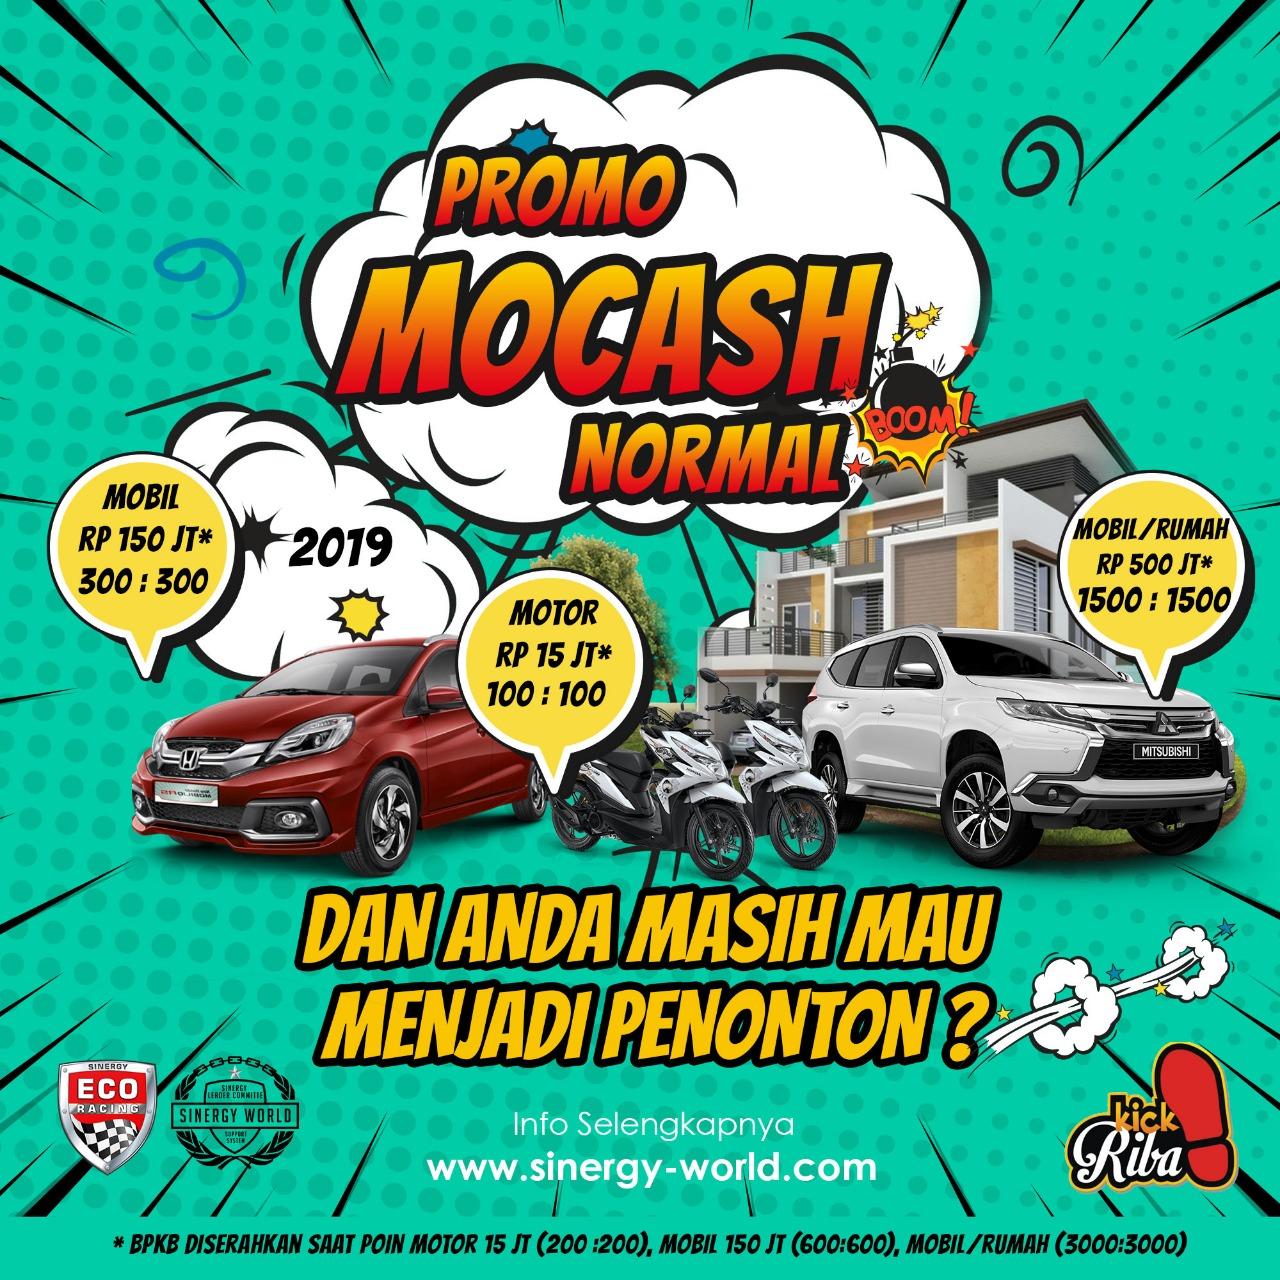 PROMO MOCASH NORMAL